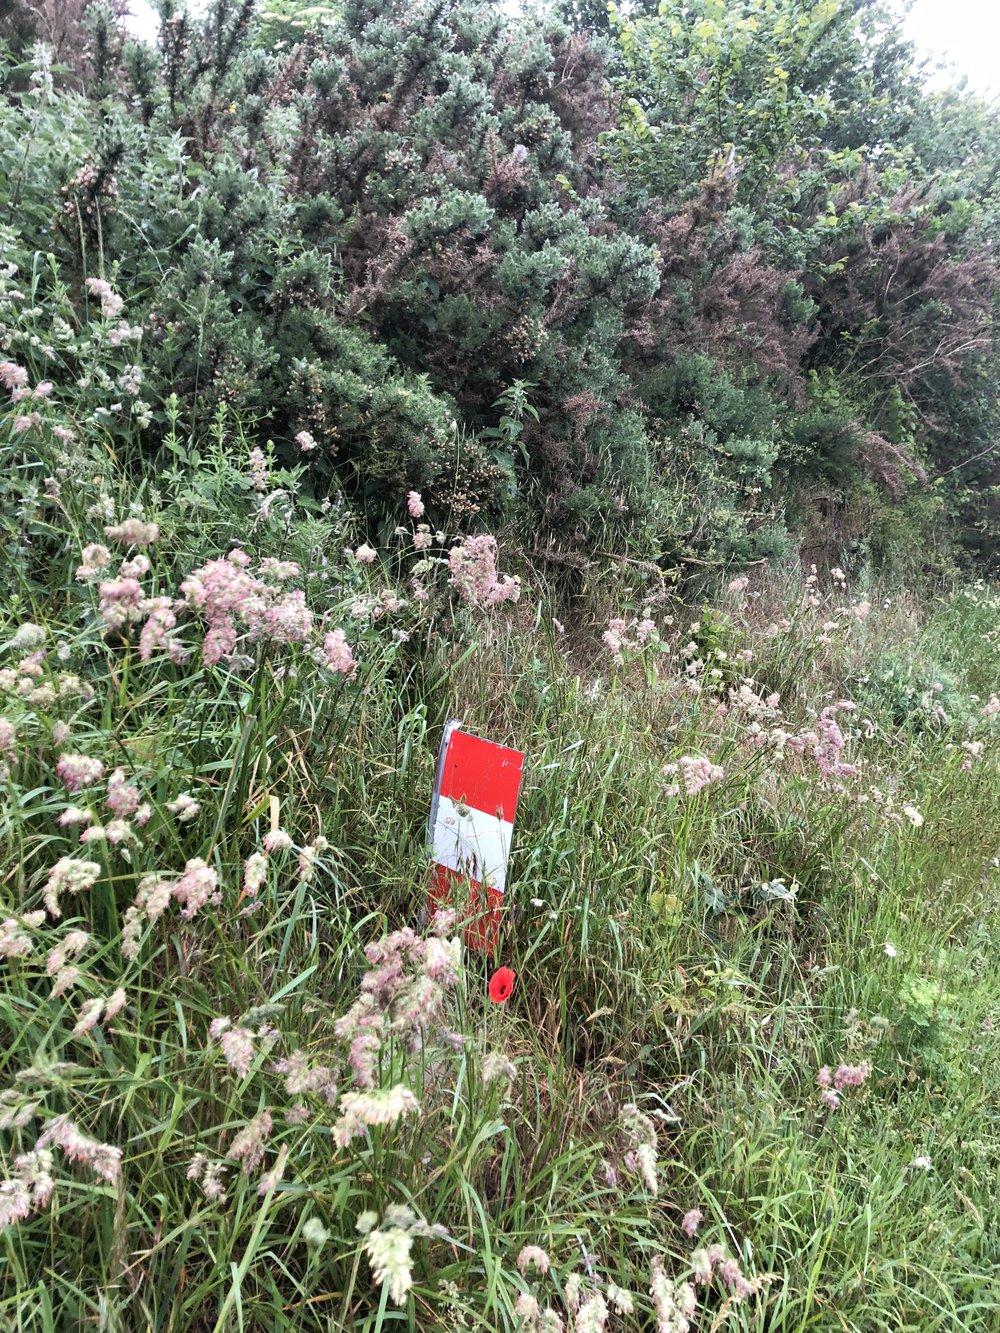 A Via Francigena trail marker